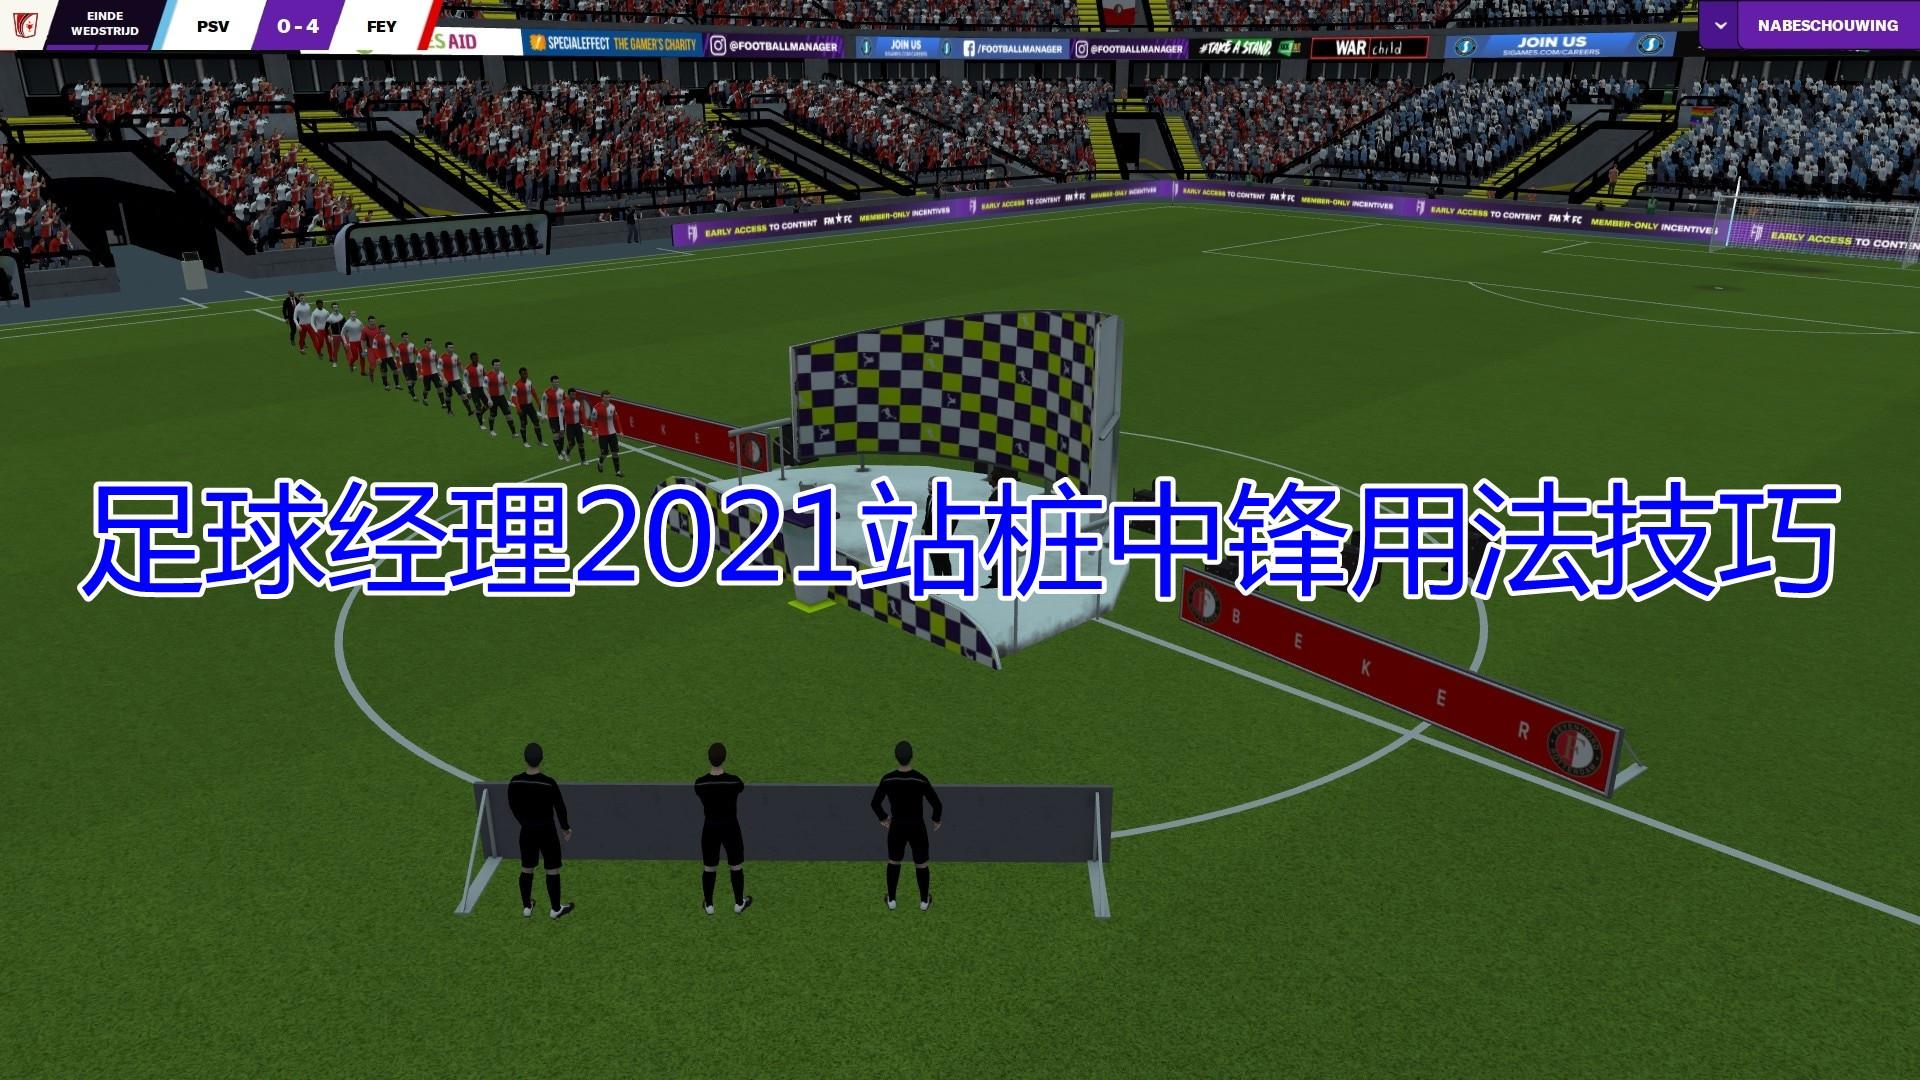 足球经理2021站桩中锋用法技巧